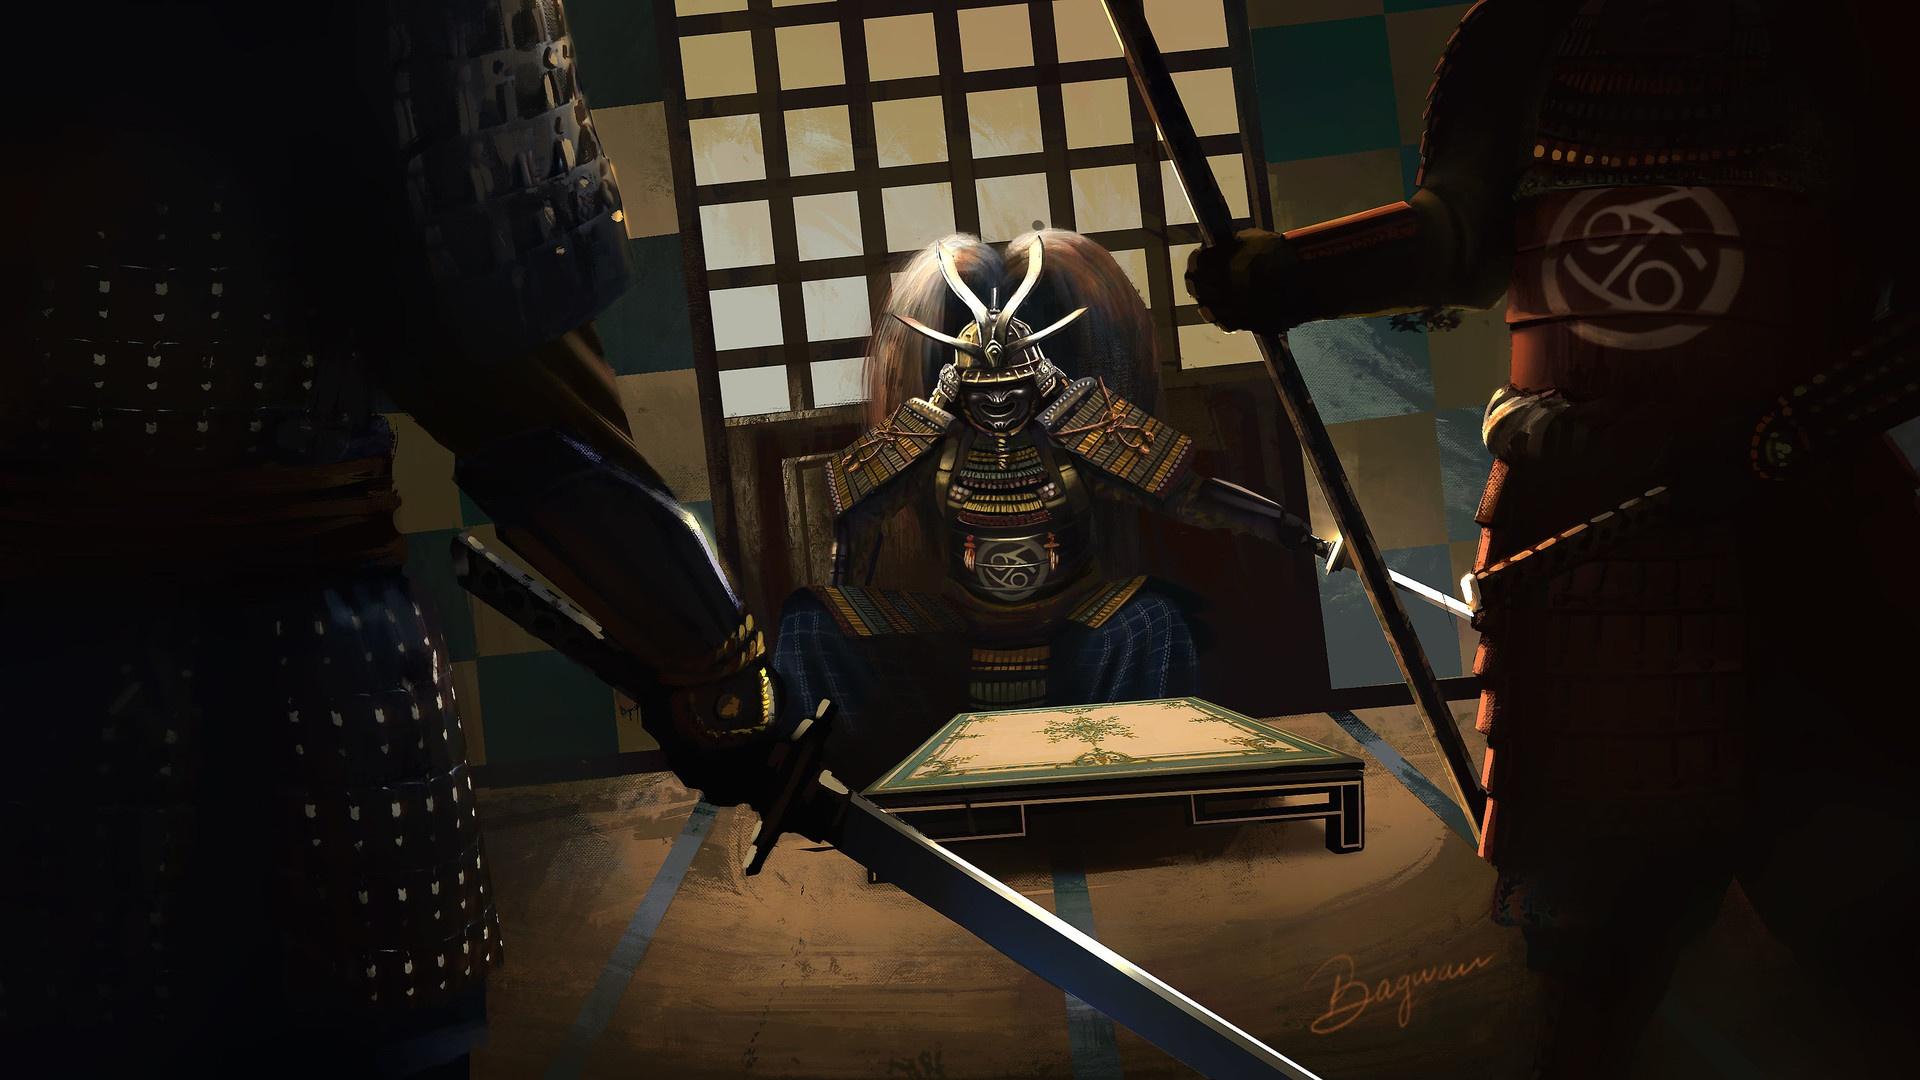 Wallpaper Samurai Sword Artwork Fantasy Art 1920x1080